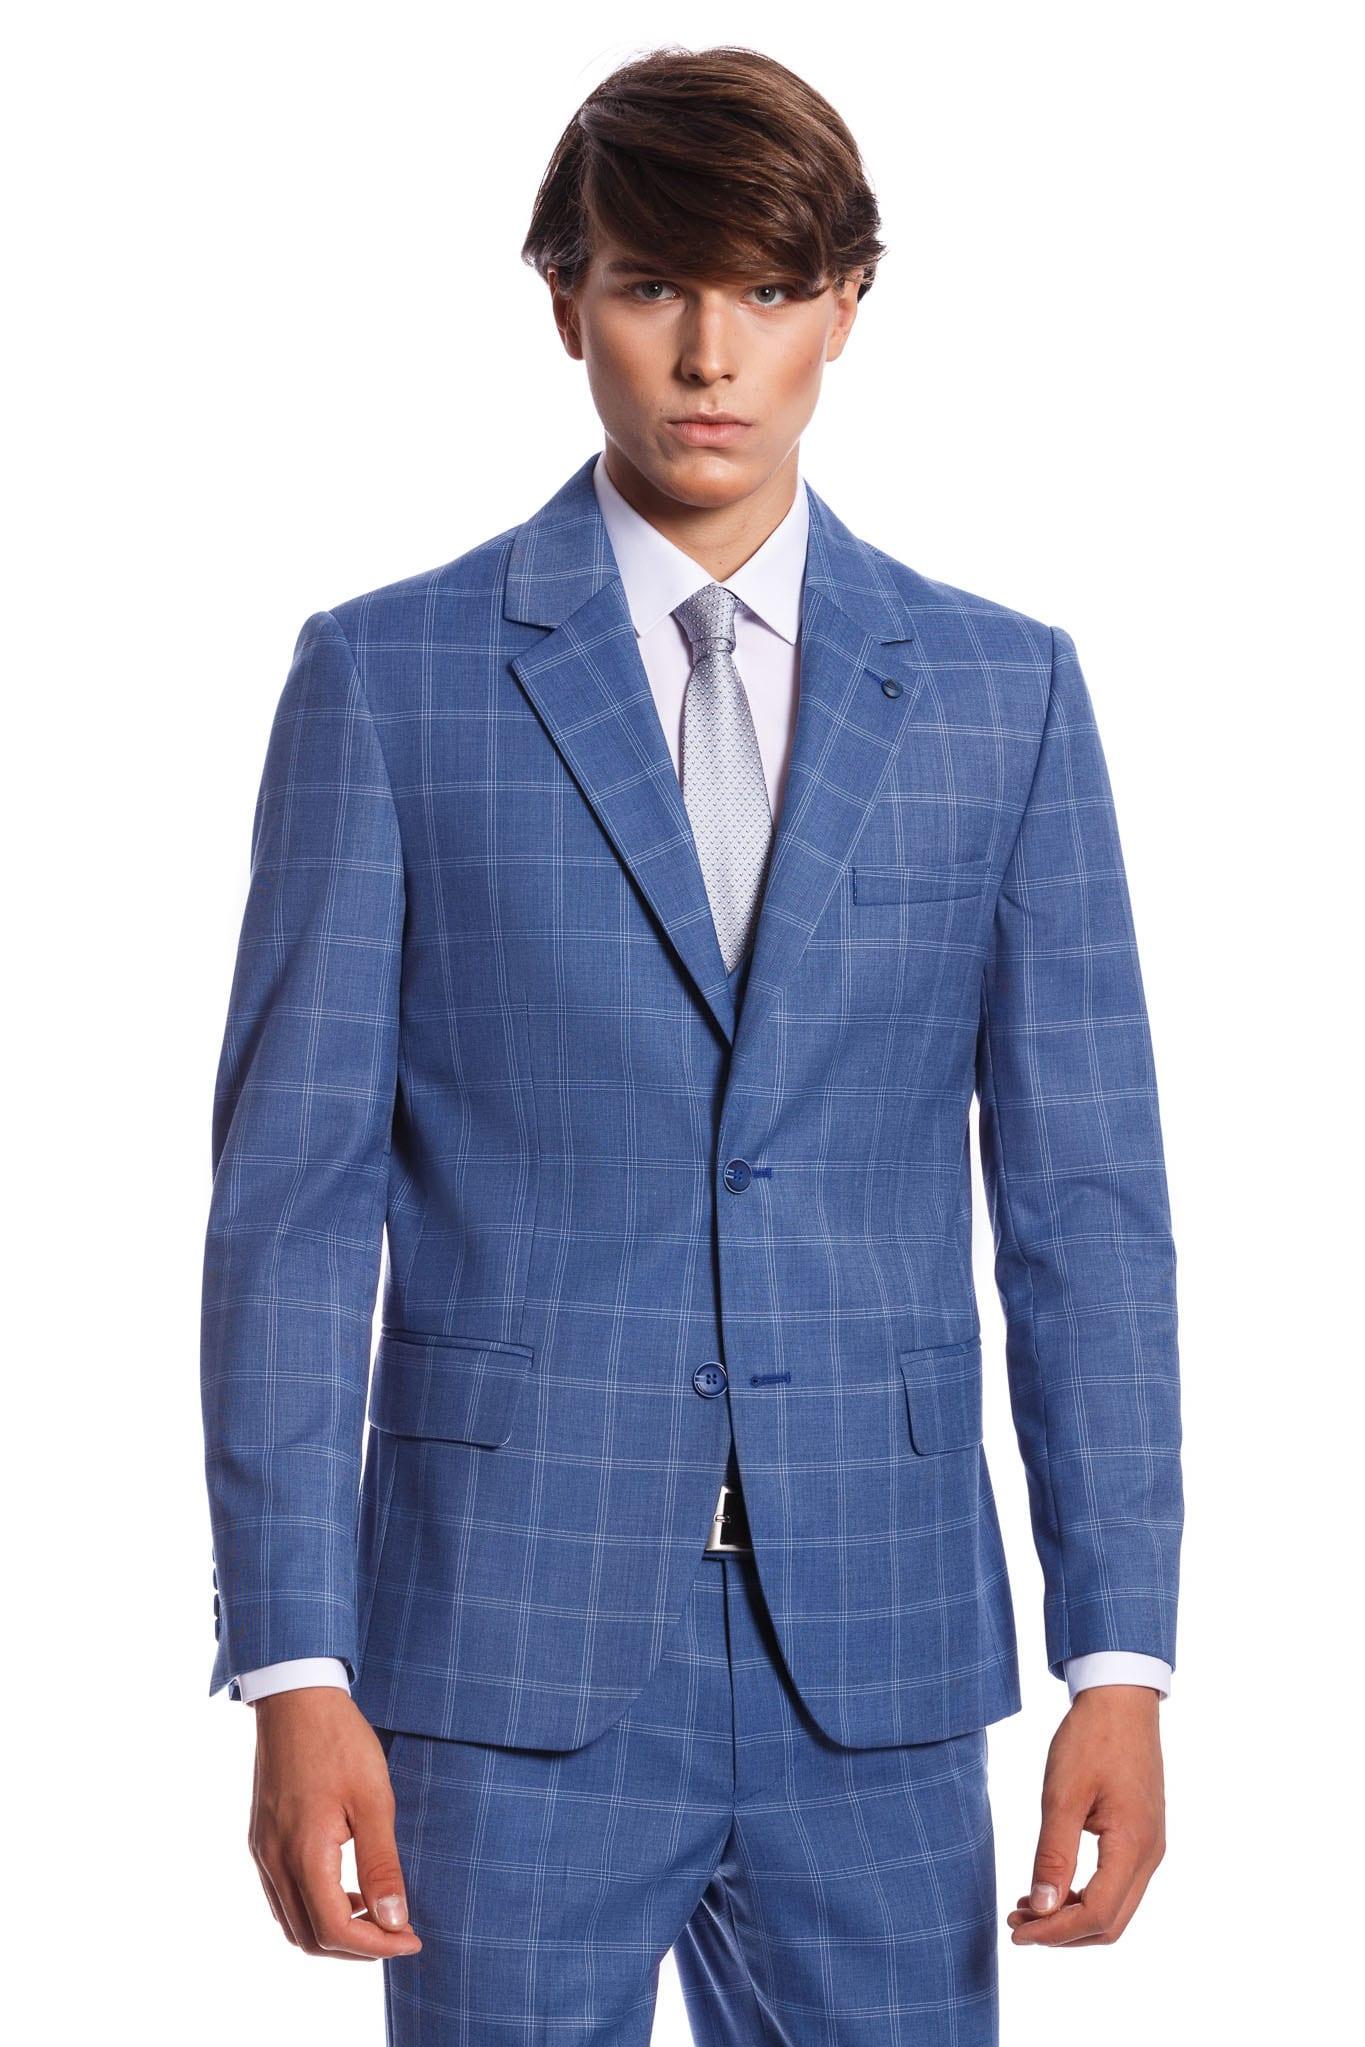 b68556cc05 Lorenzo Kockás-Világoskék Slim Fit Öltöny - Elite Fashion Öltönyház